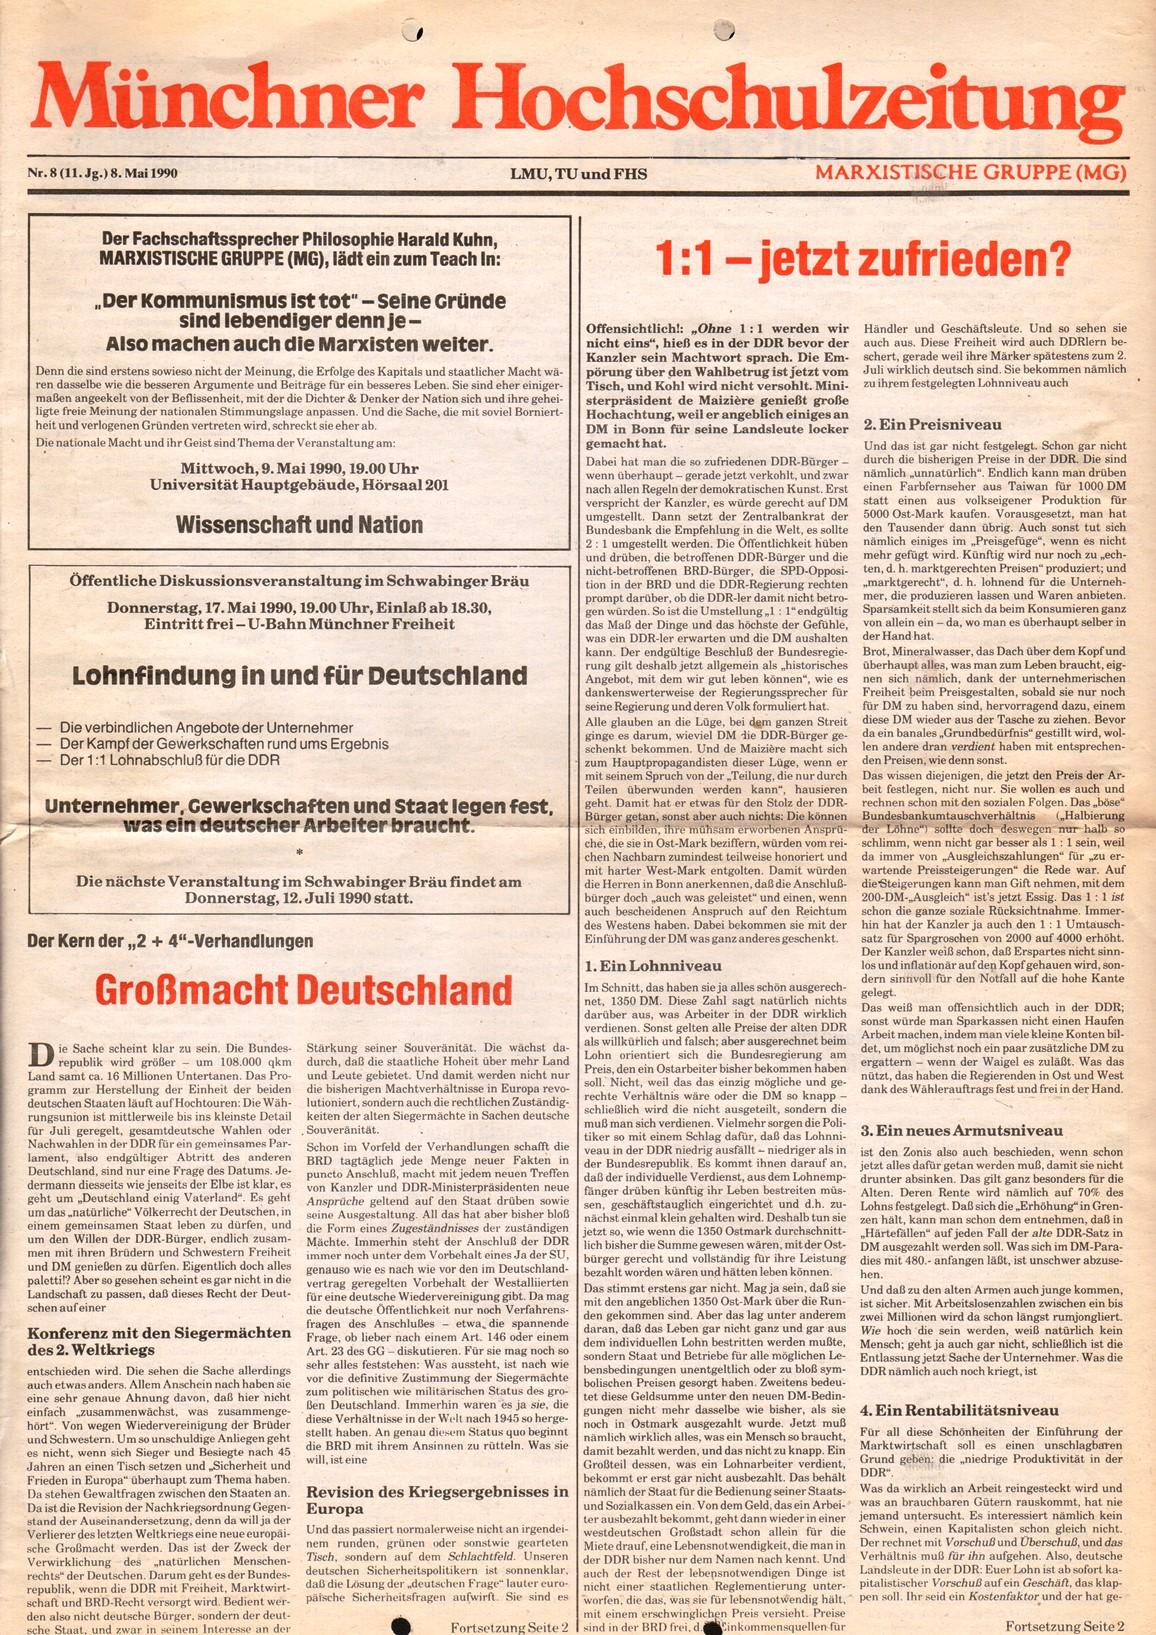 Muenchen_MG_Hochschulzeitung_19900508_01